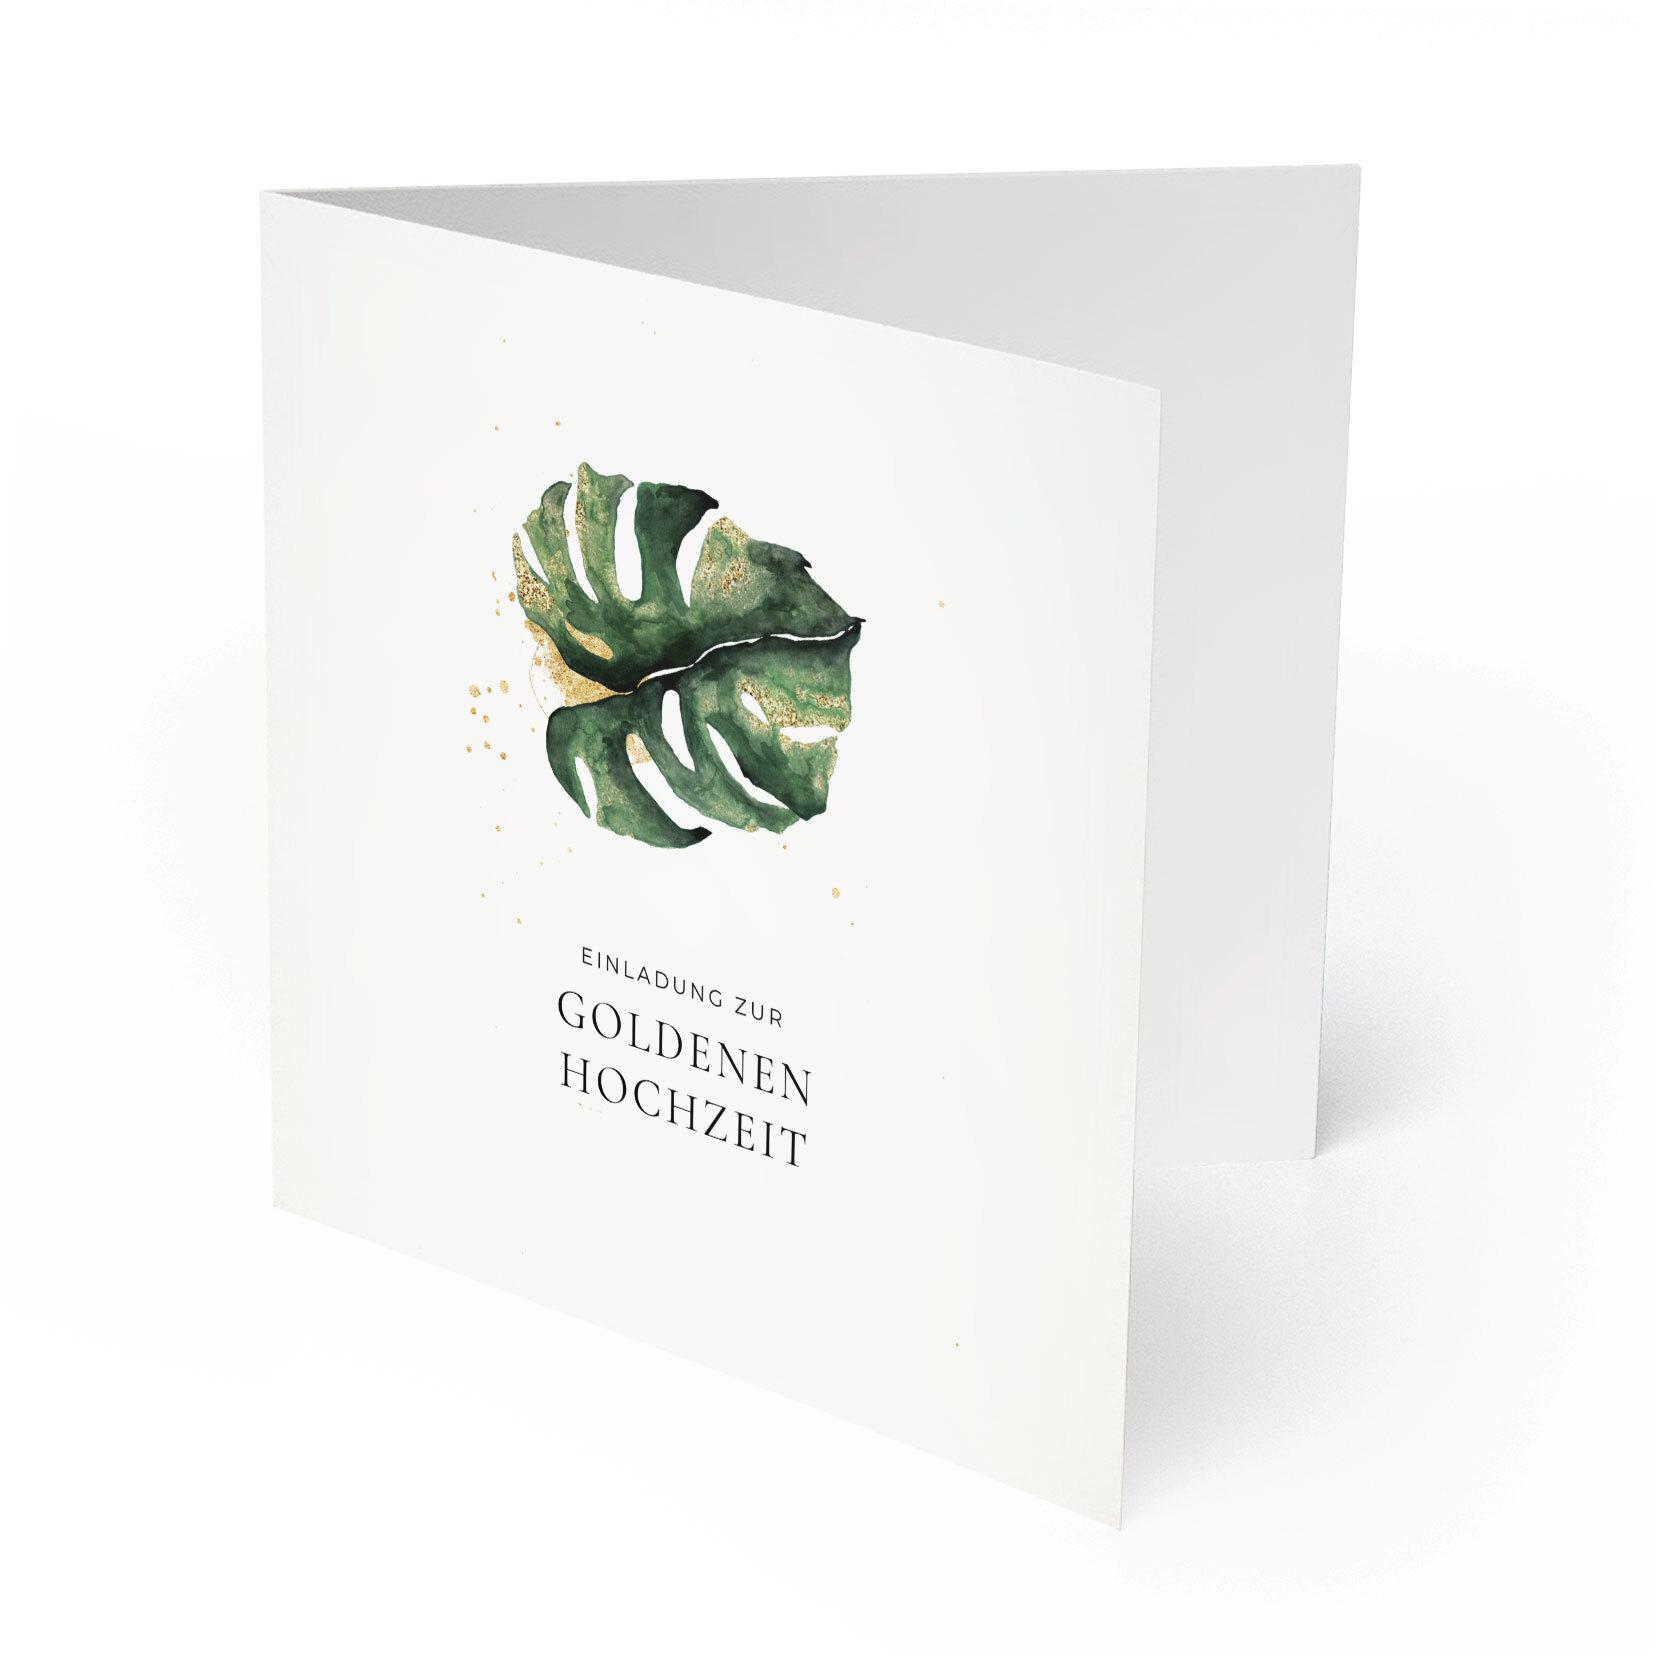 einladungskarten zur goldenen hochzeit - goldblatt